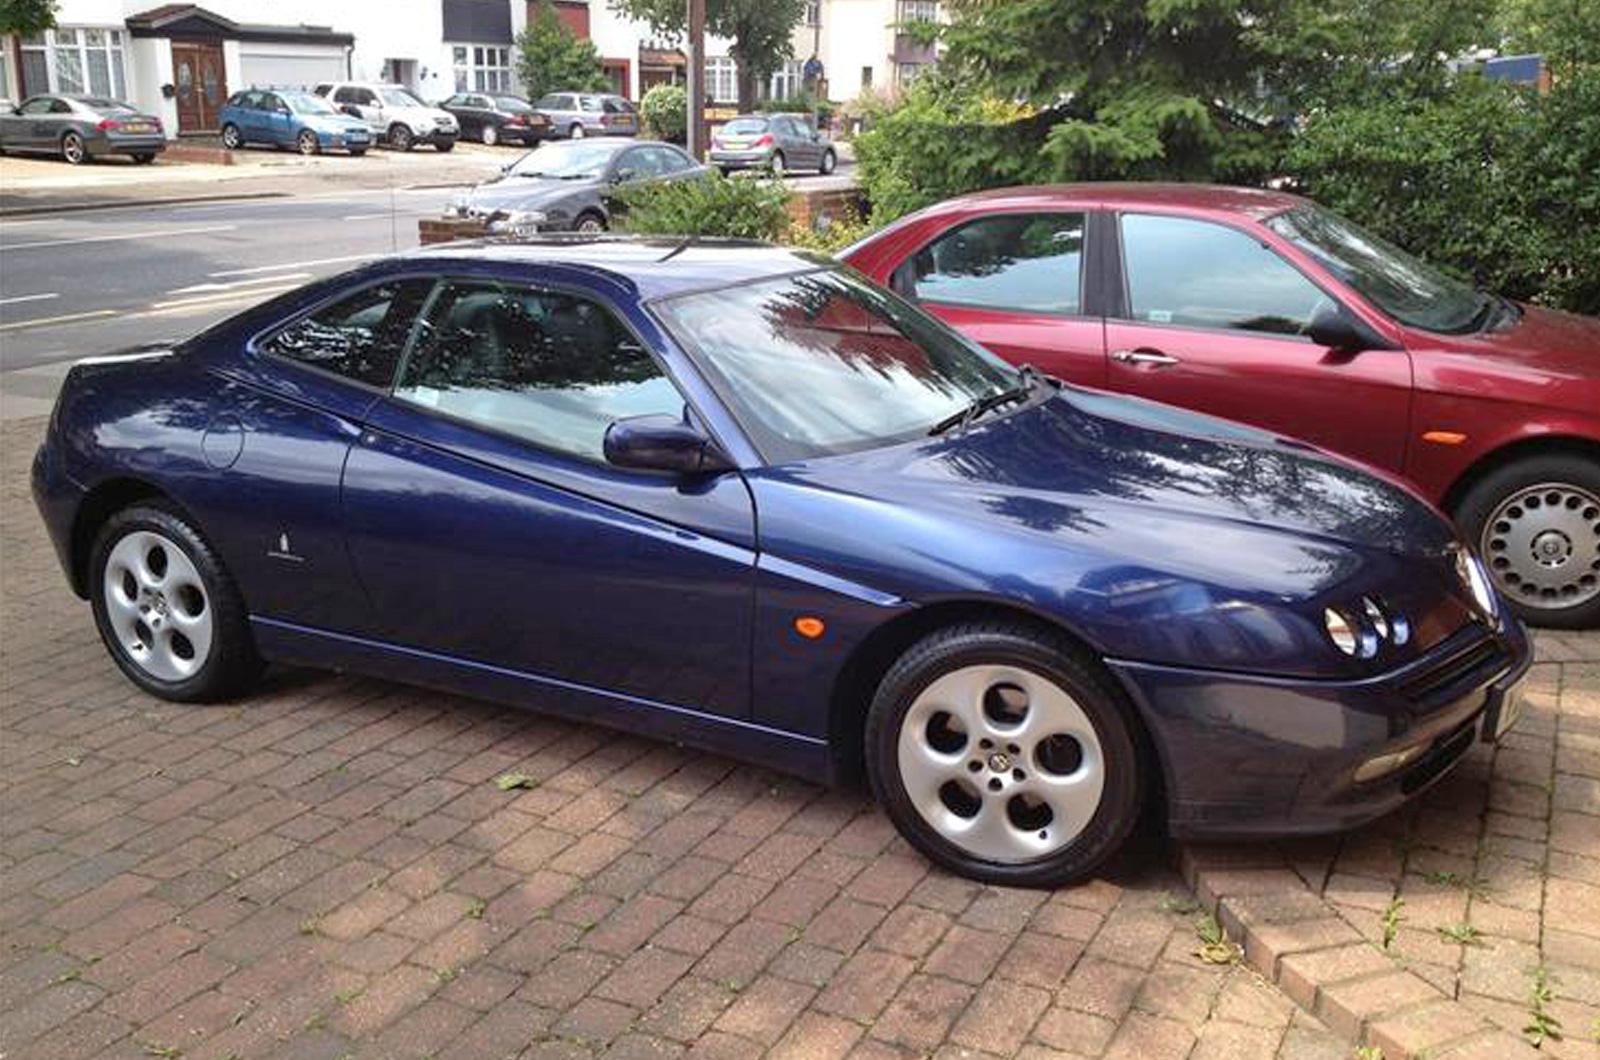 2001 Alfa Romeo GTV for £2195 | Autocar